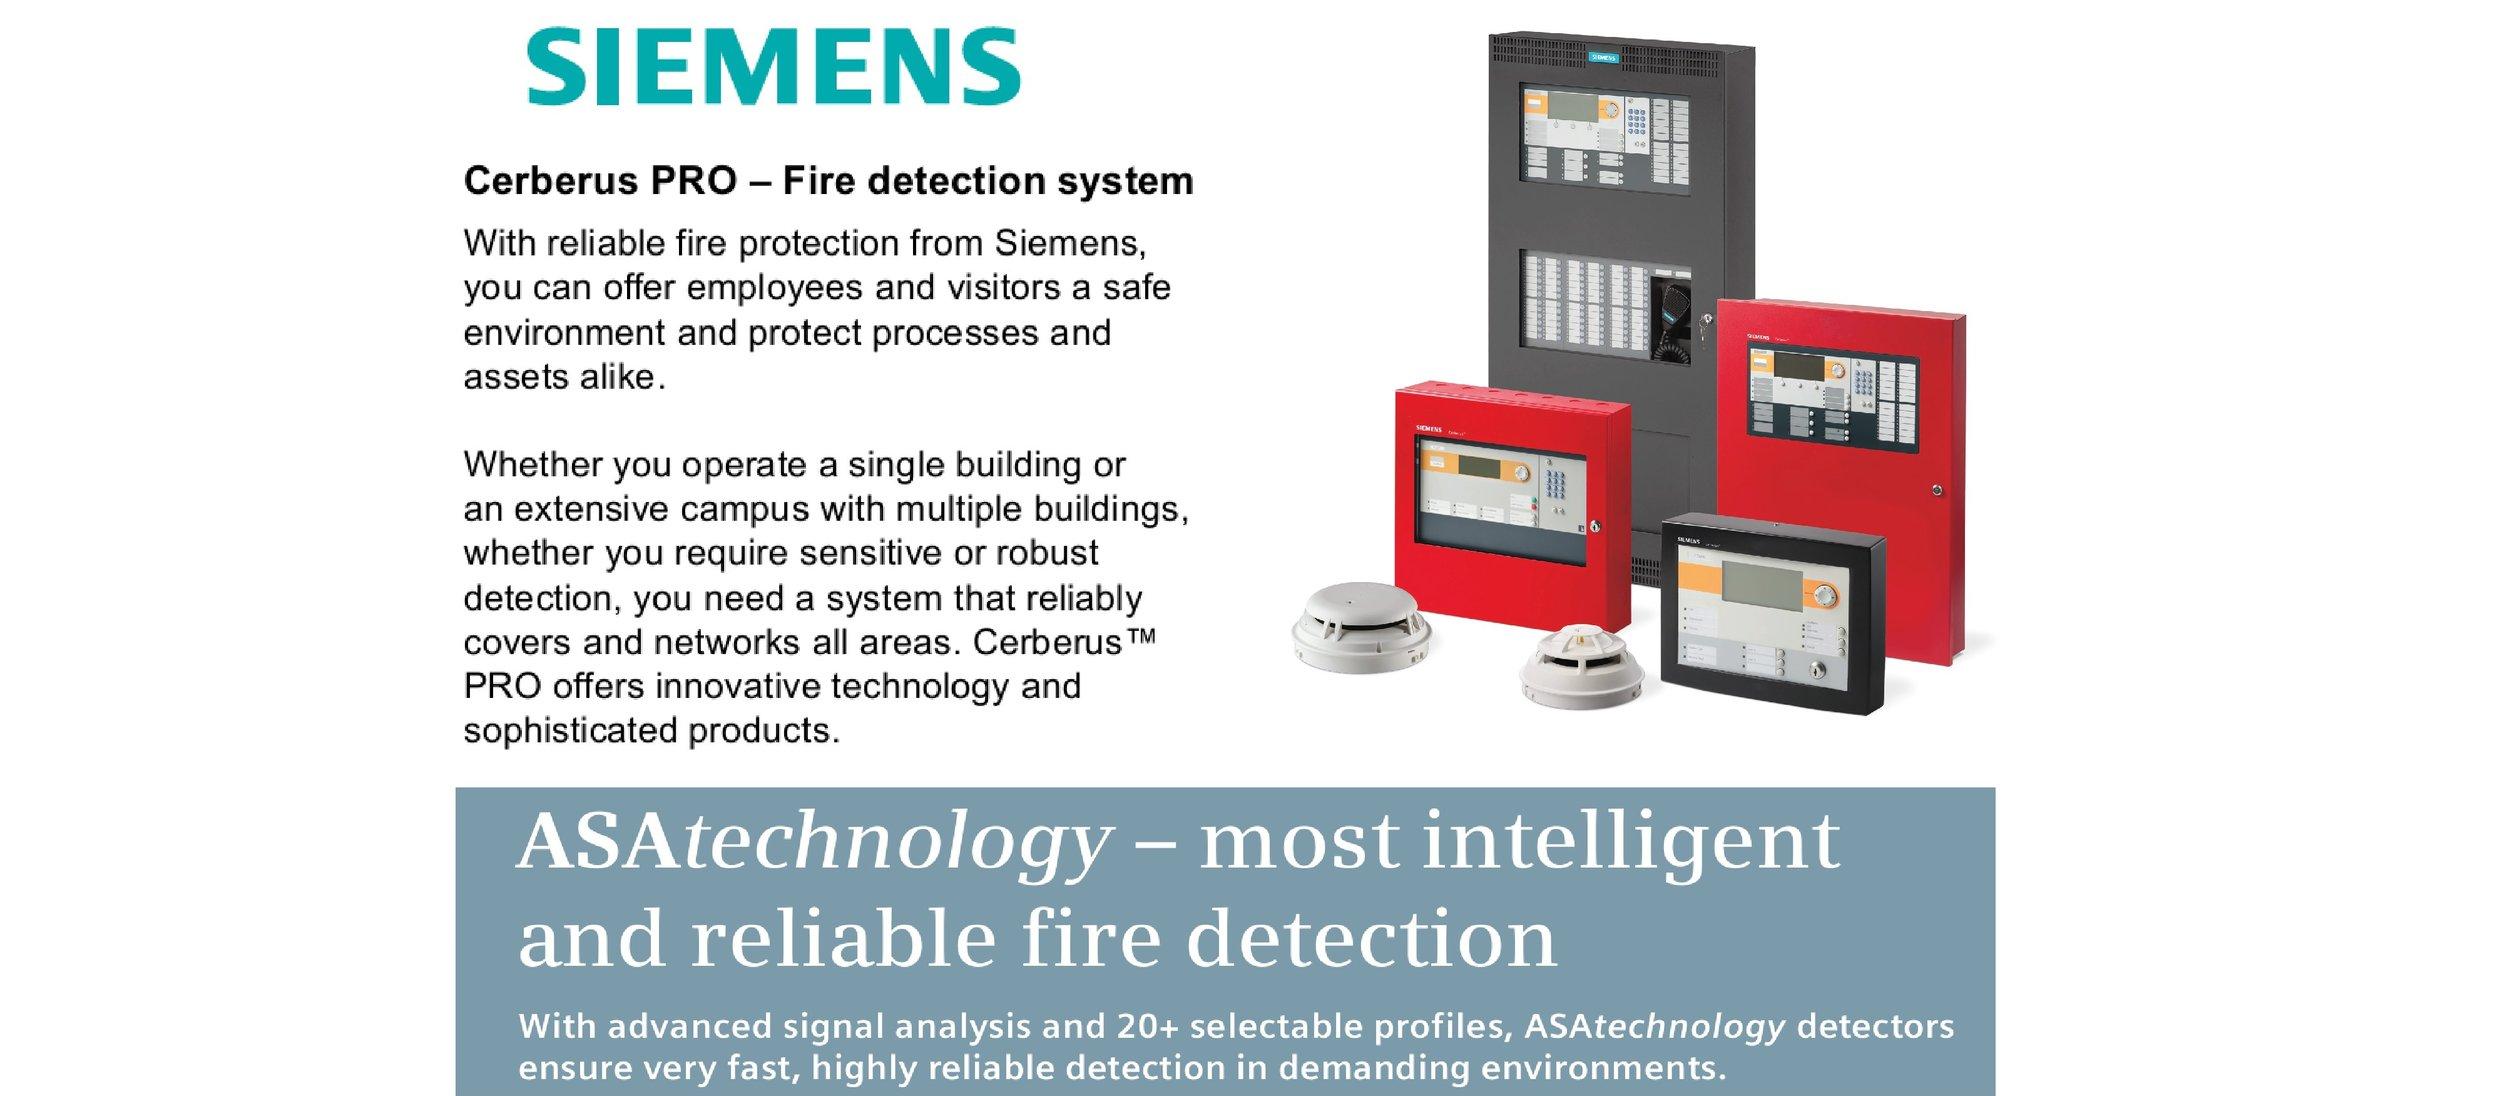 Siemens slide.jpg